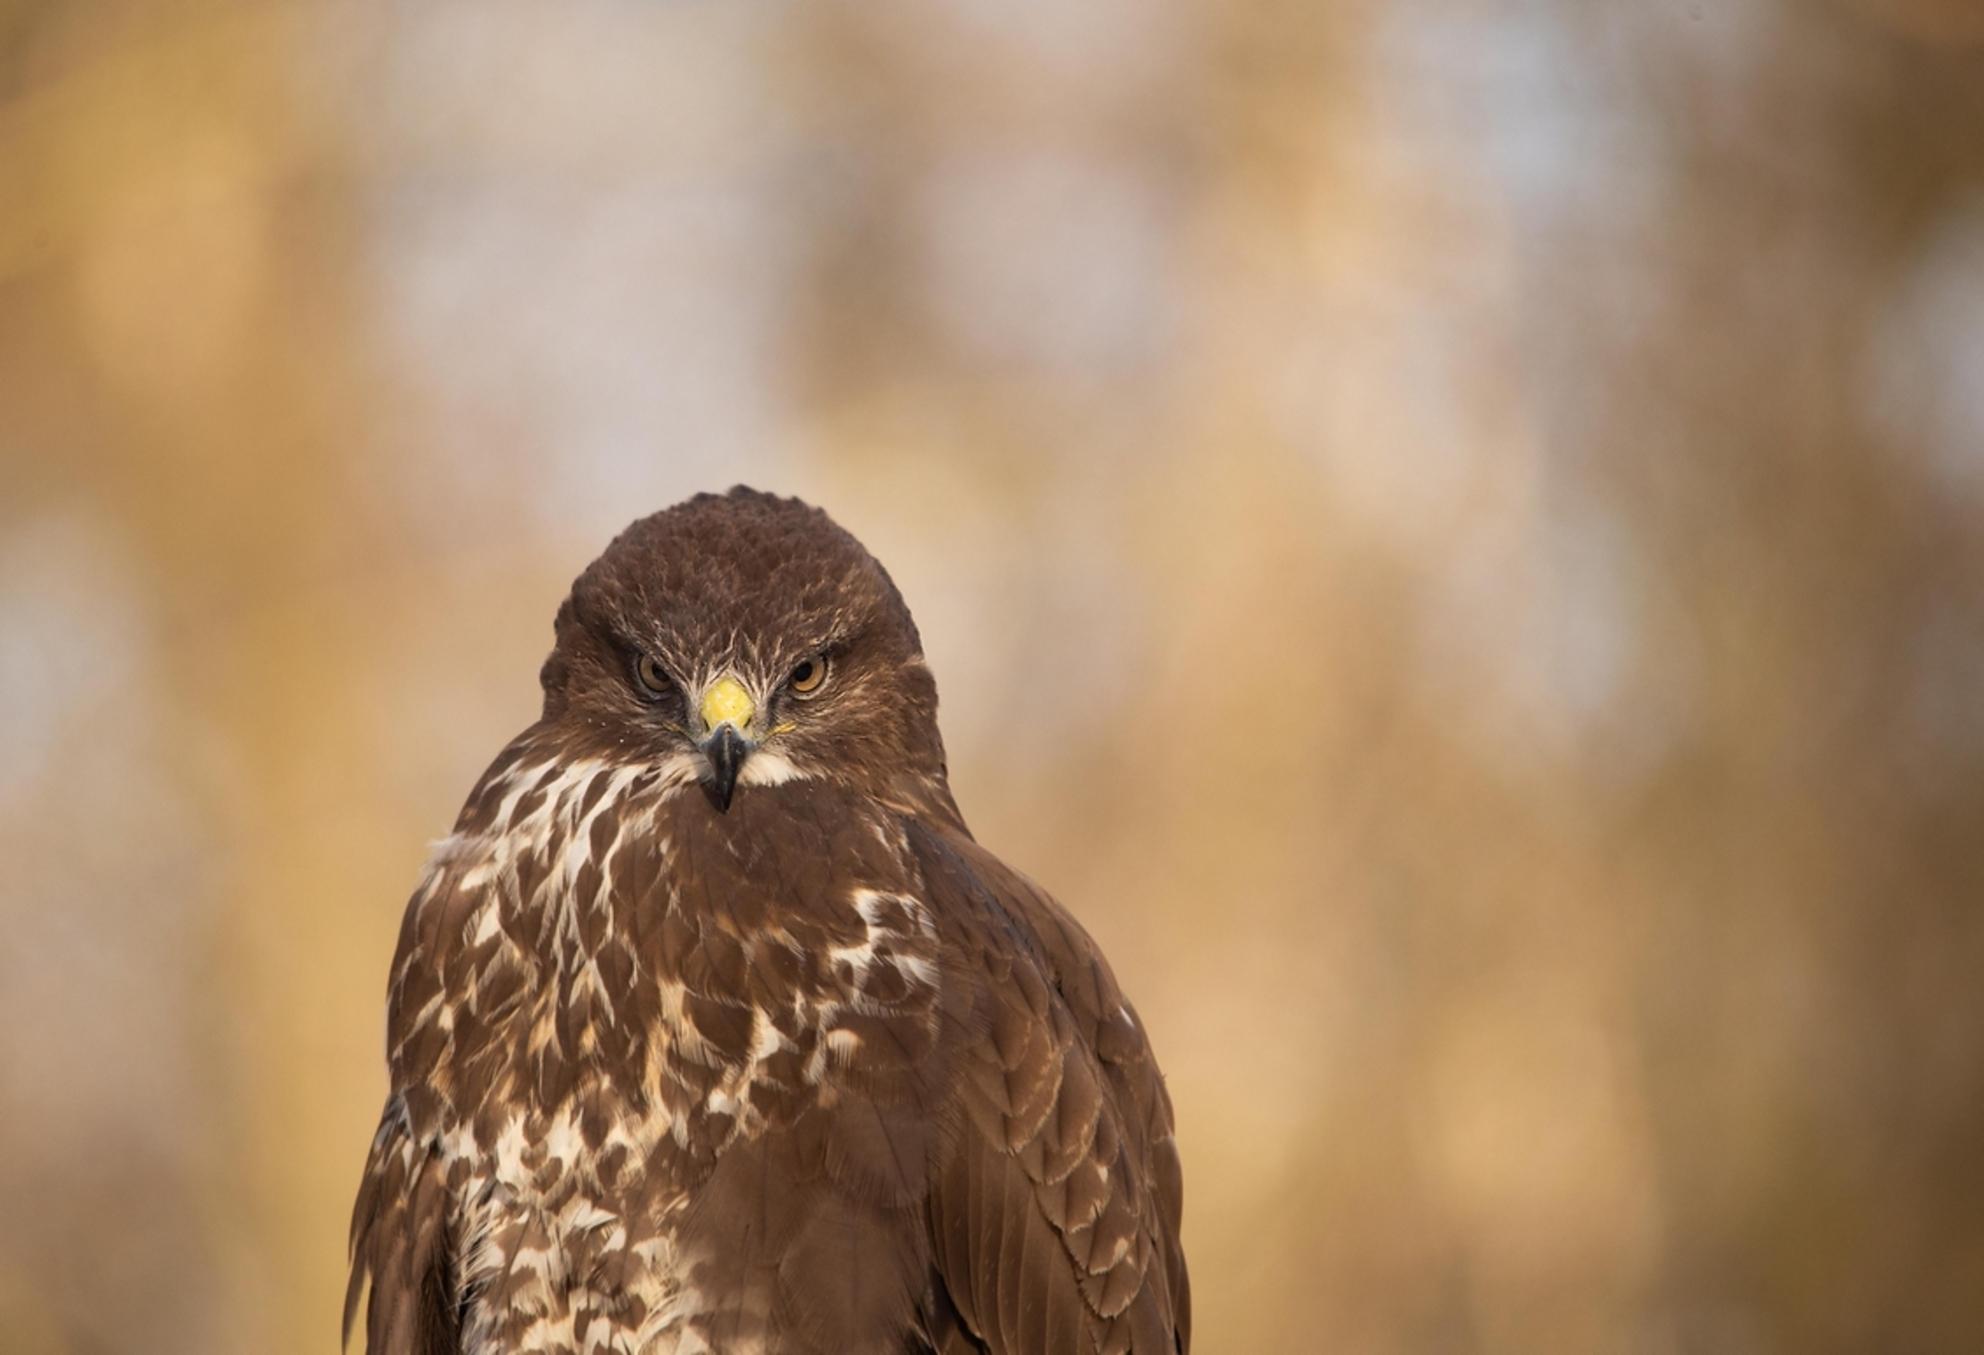 loens - ik moet altijd een beetje lachen als zo'n hele stoere vogel recht in de lens kijkt..een beetje loensig ..word ie een stuk minder imposant van en eige - foto door dylano_zoom op 25-02-2021 - deze foto bevat: natuur, dieren, vogel, buizerd, roofvogel, wildlife, dylano - Deze foto mag gebruikt worden in een Zoom.nl publicatie